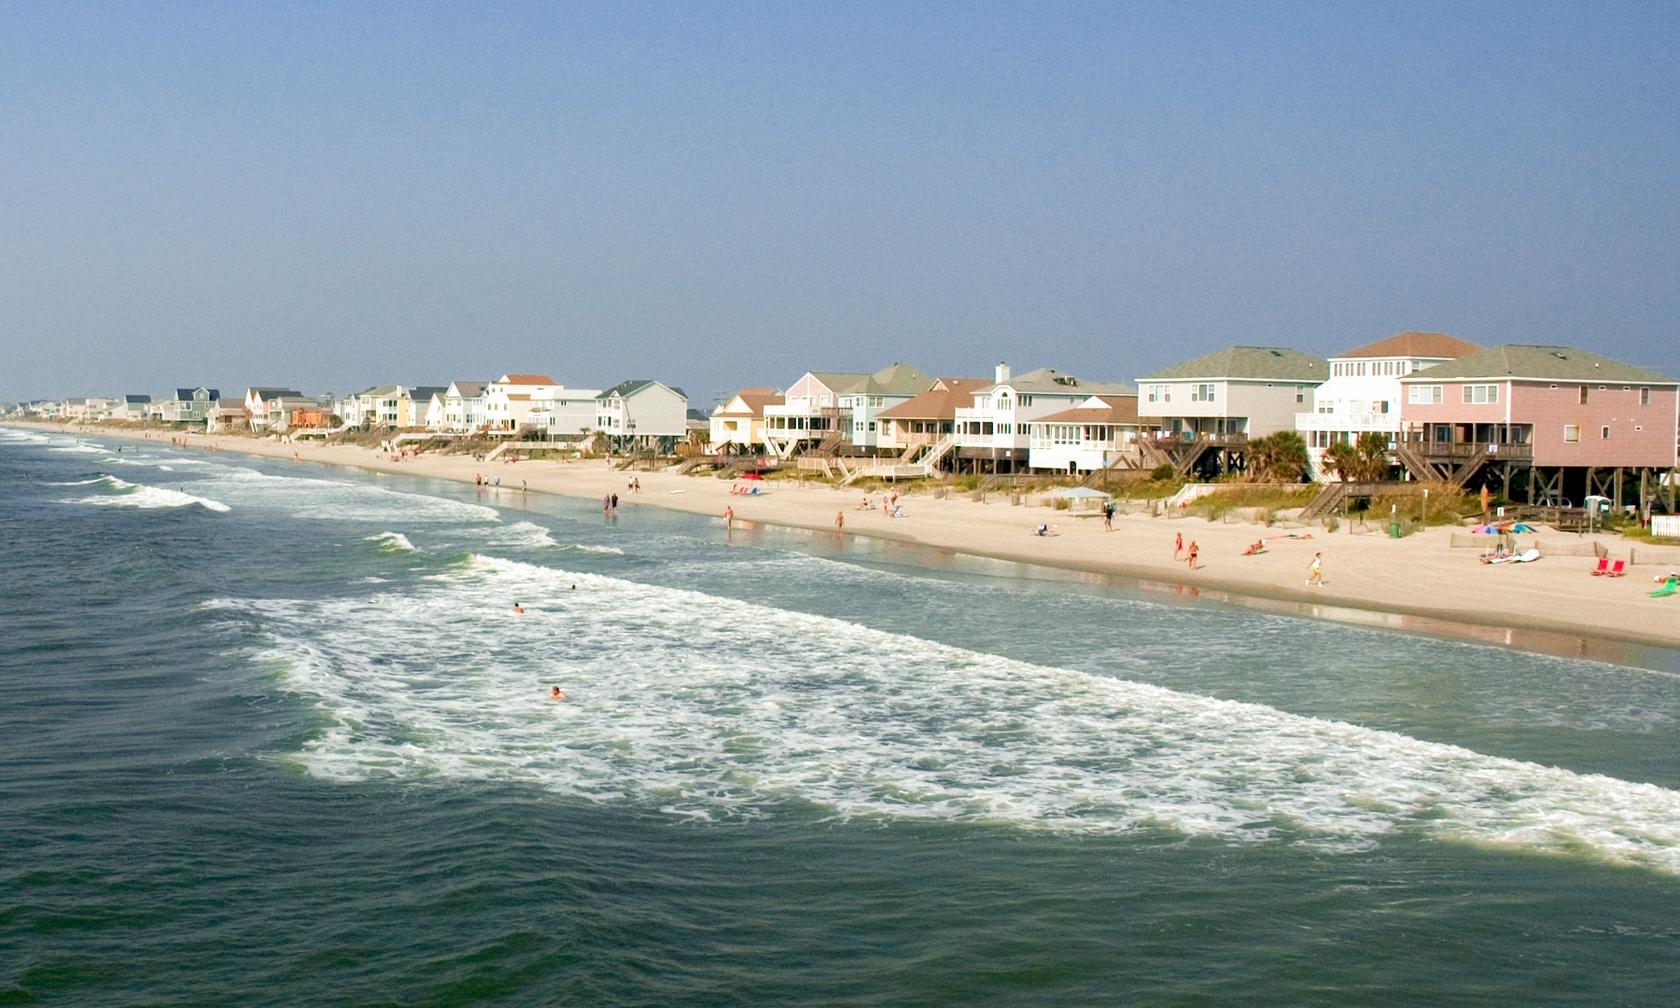 Vacation rentals in Surfside Beach